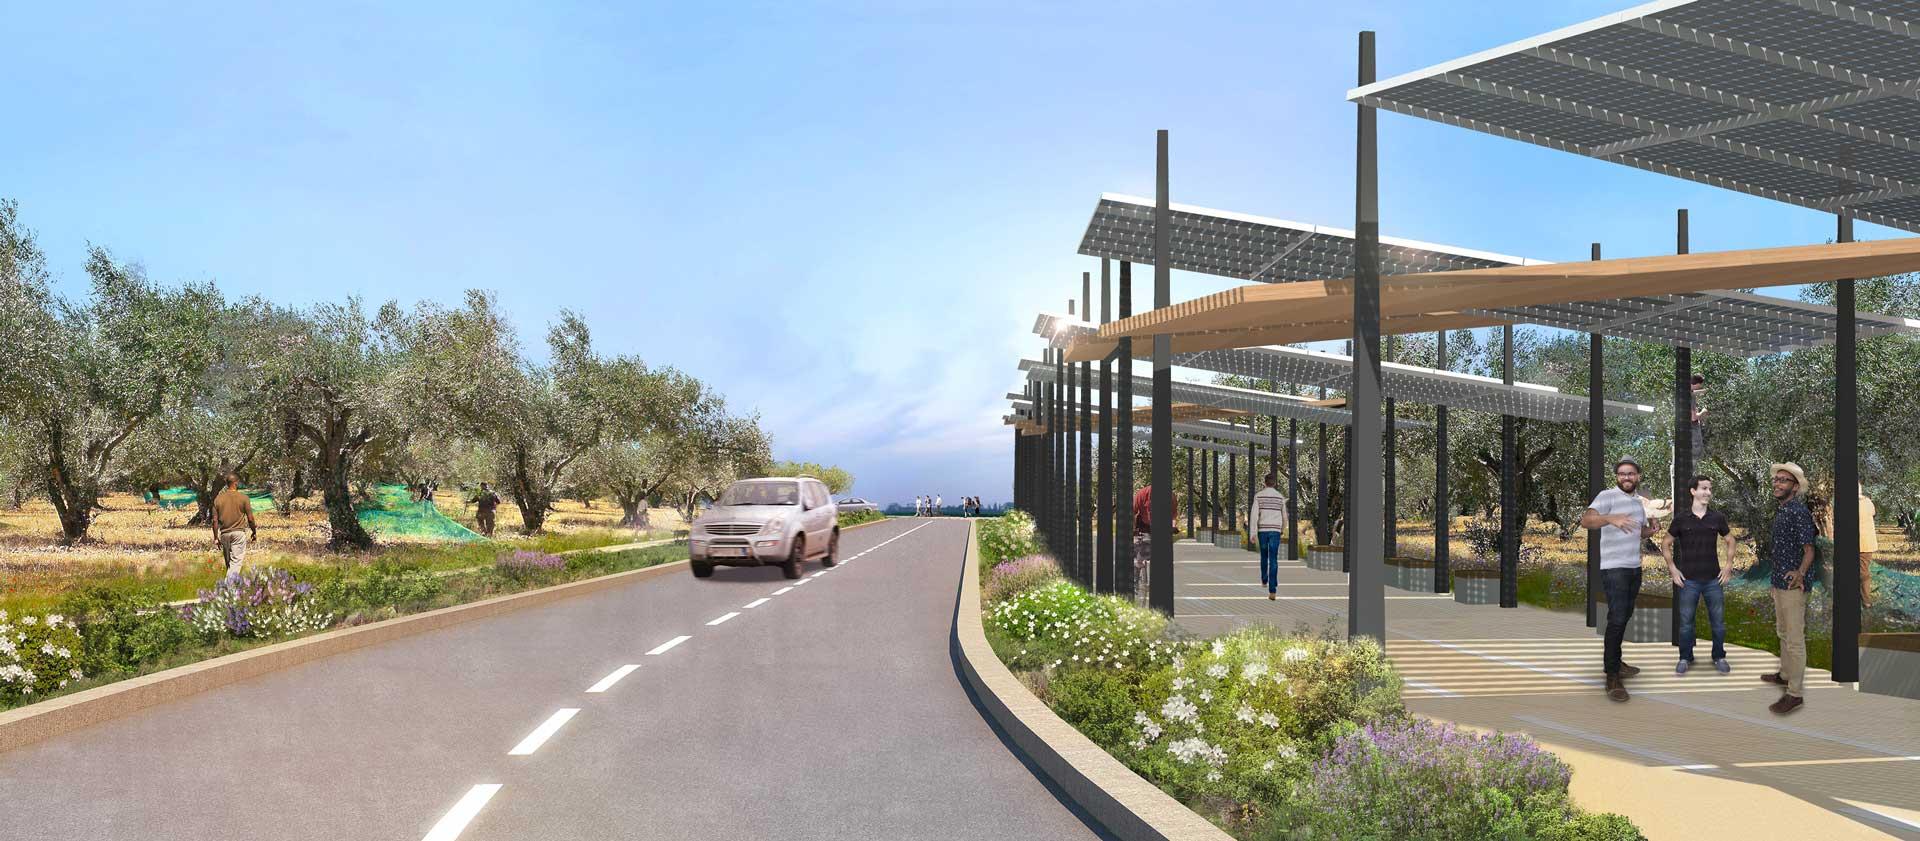 Promenade gare TGV Nîmes Pont du Gard : concours et énergies renouvelables gare TGV Nîmes Pont du Gard : l'agence remporte le concours